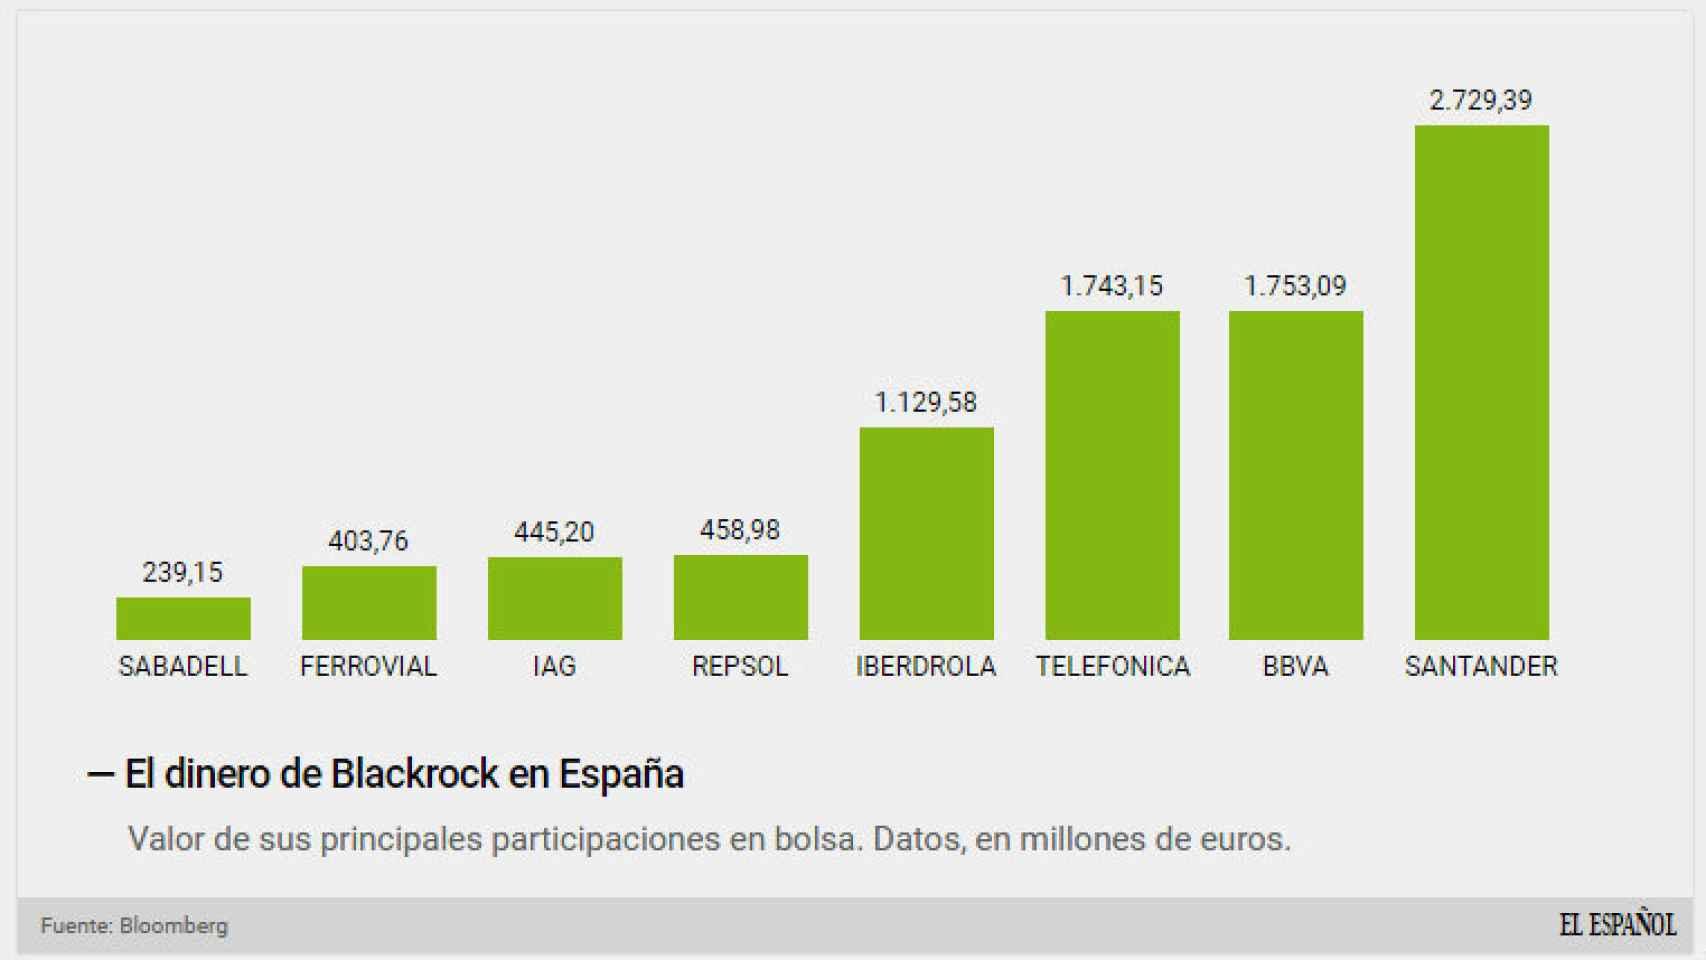 Principales intereses en bolsa española de Blackrock.